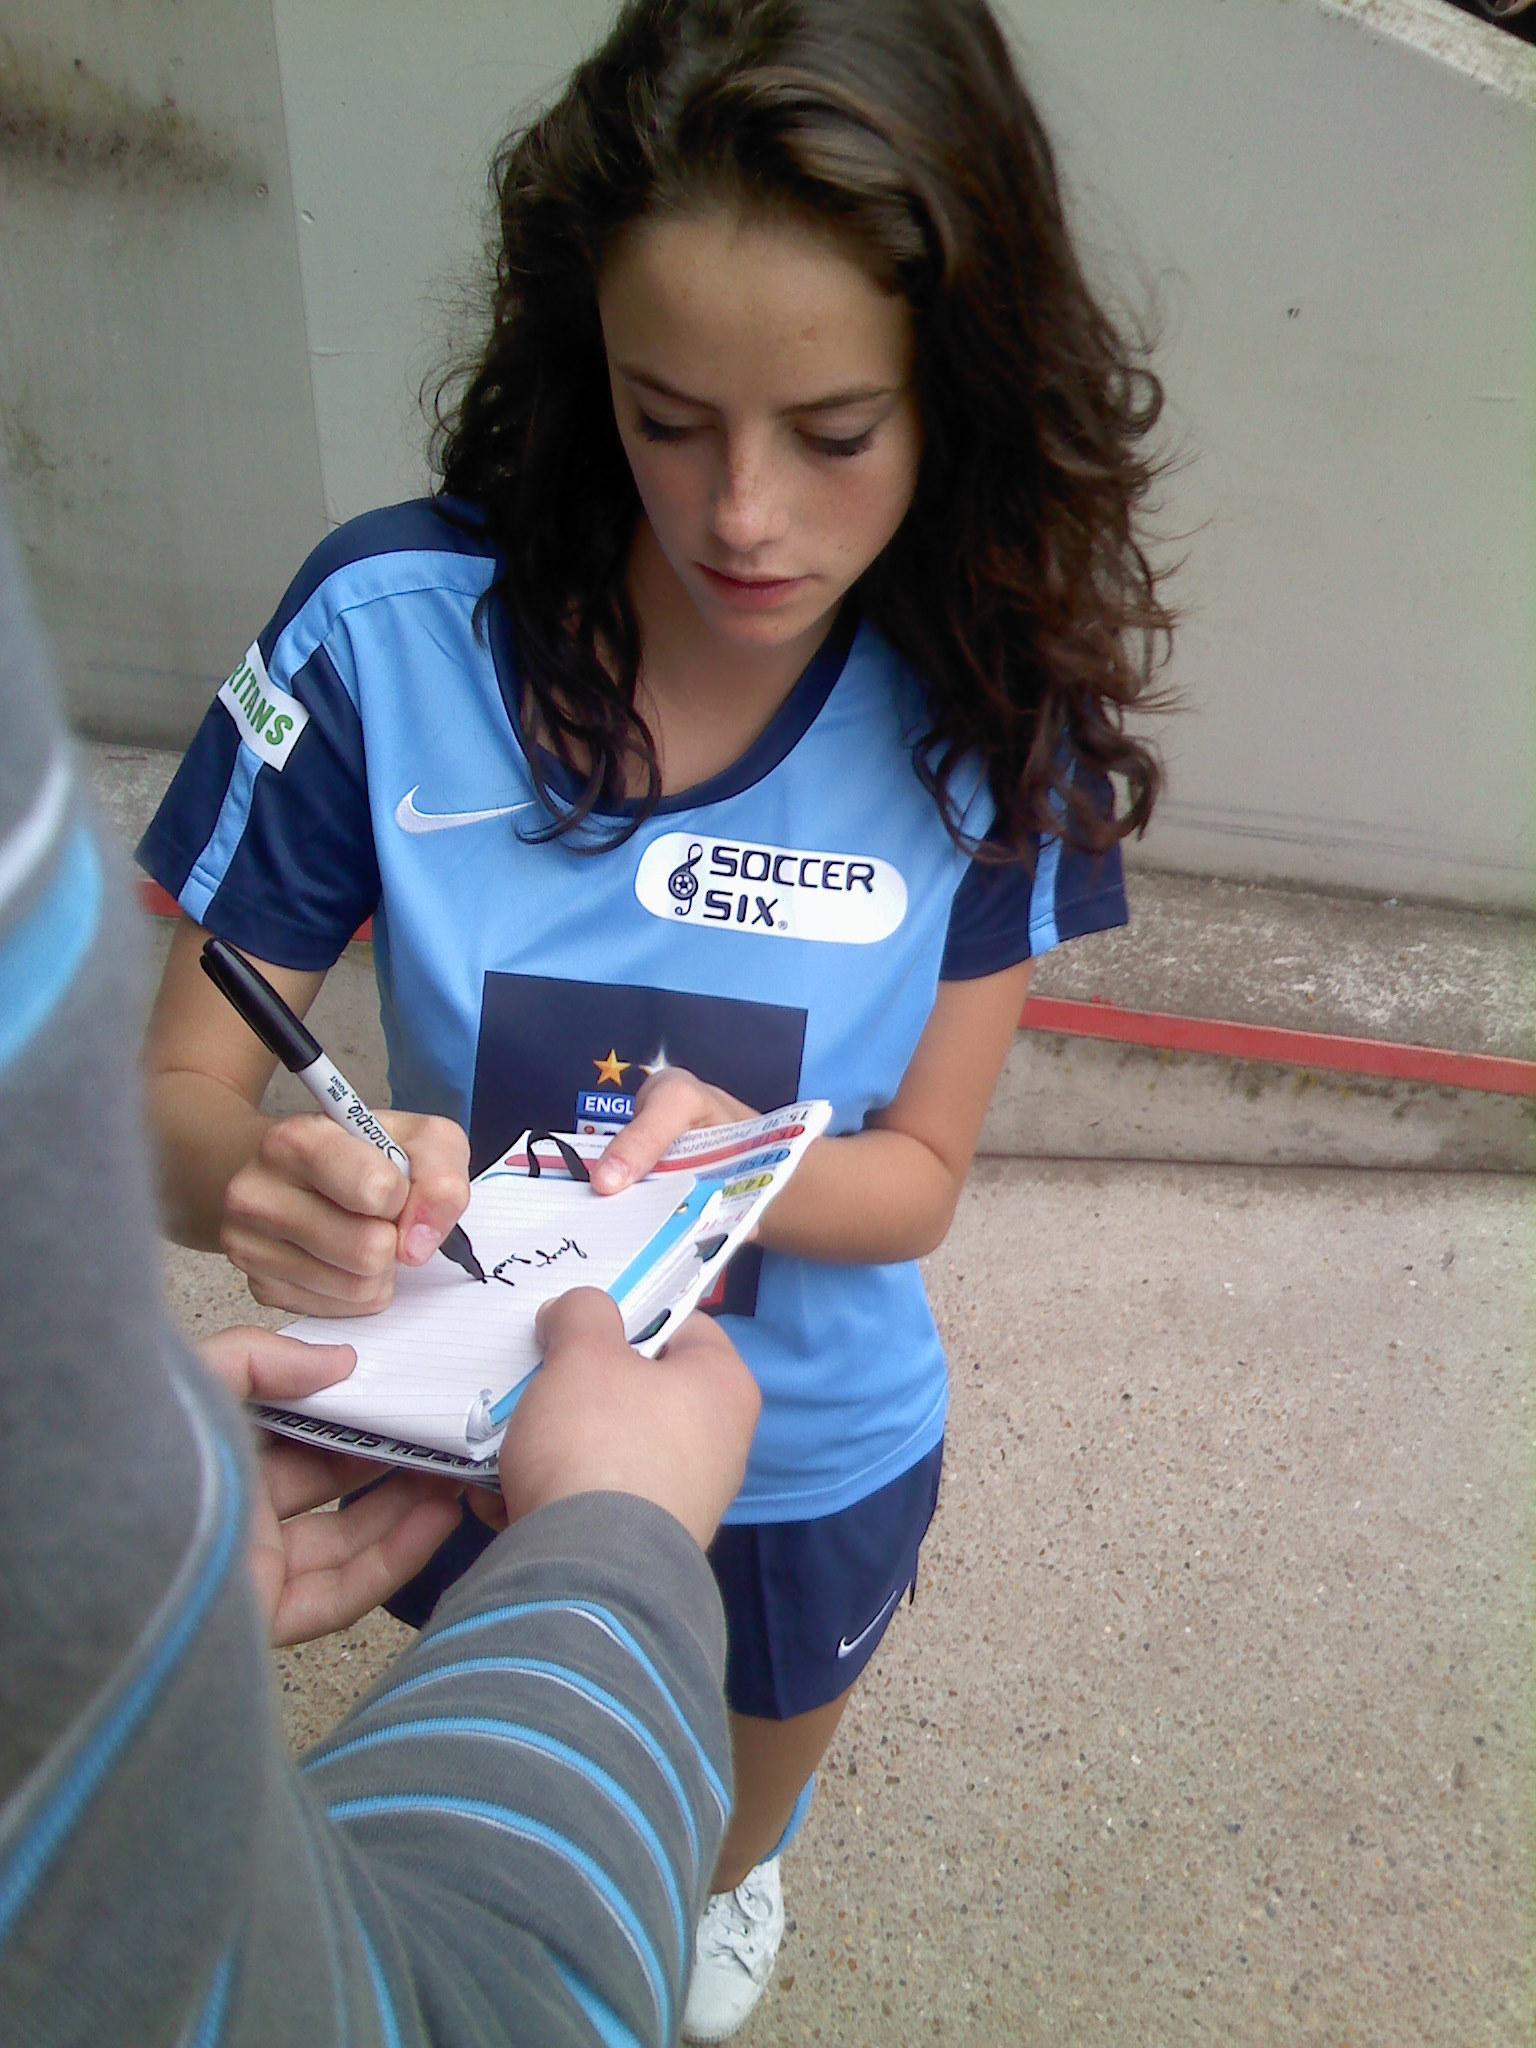 Kaya at Soccer Six